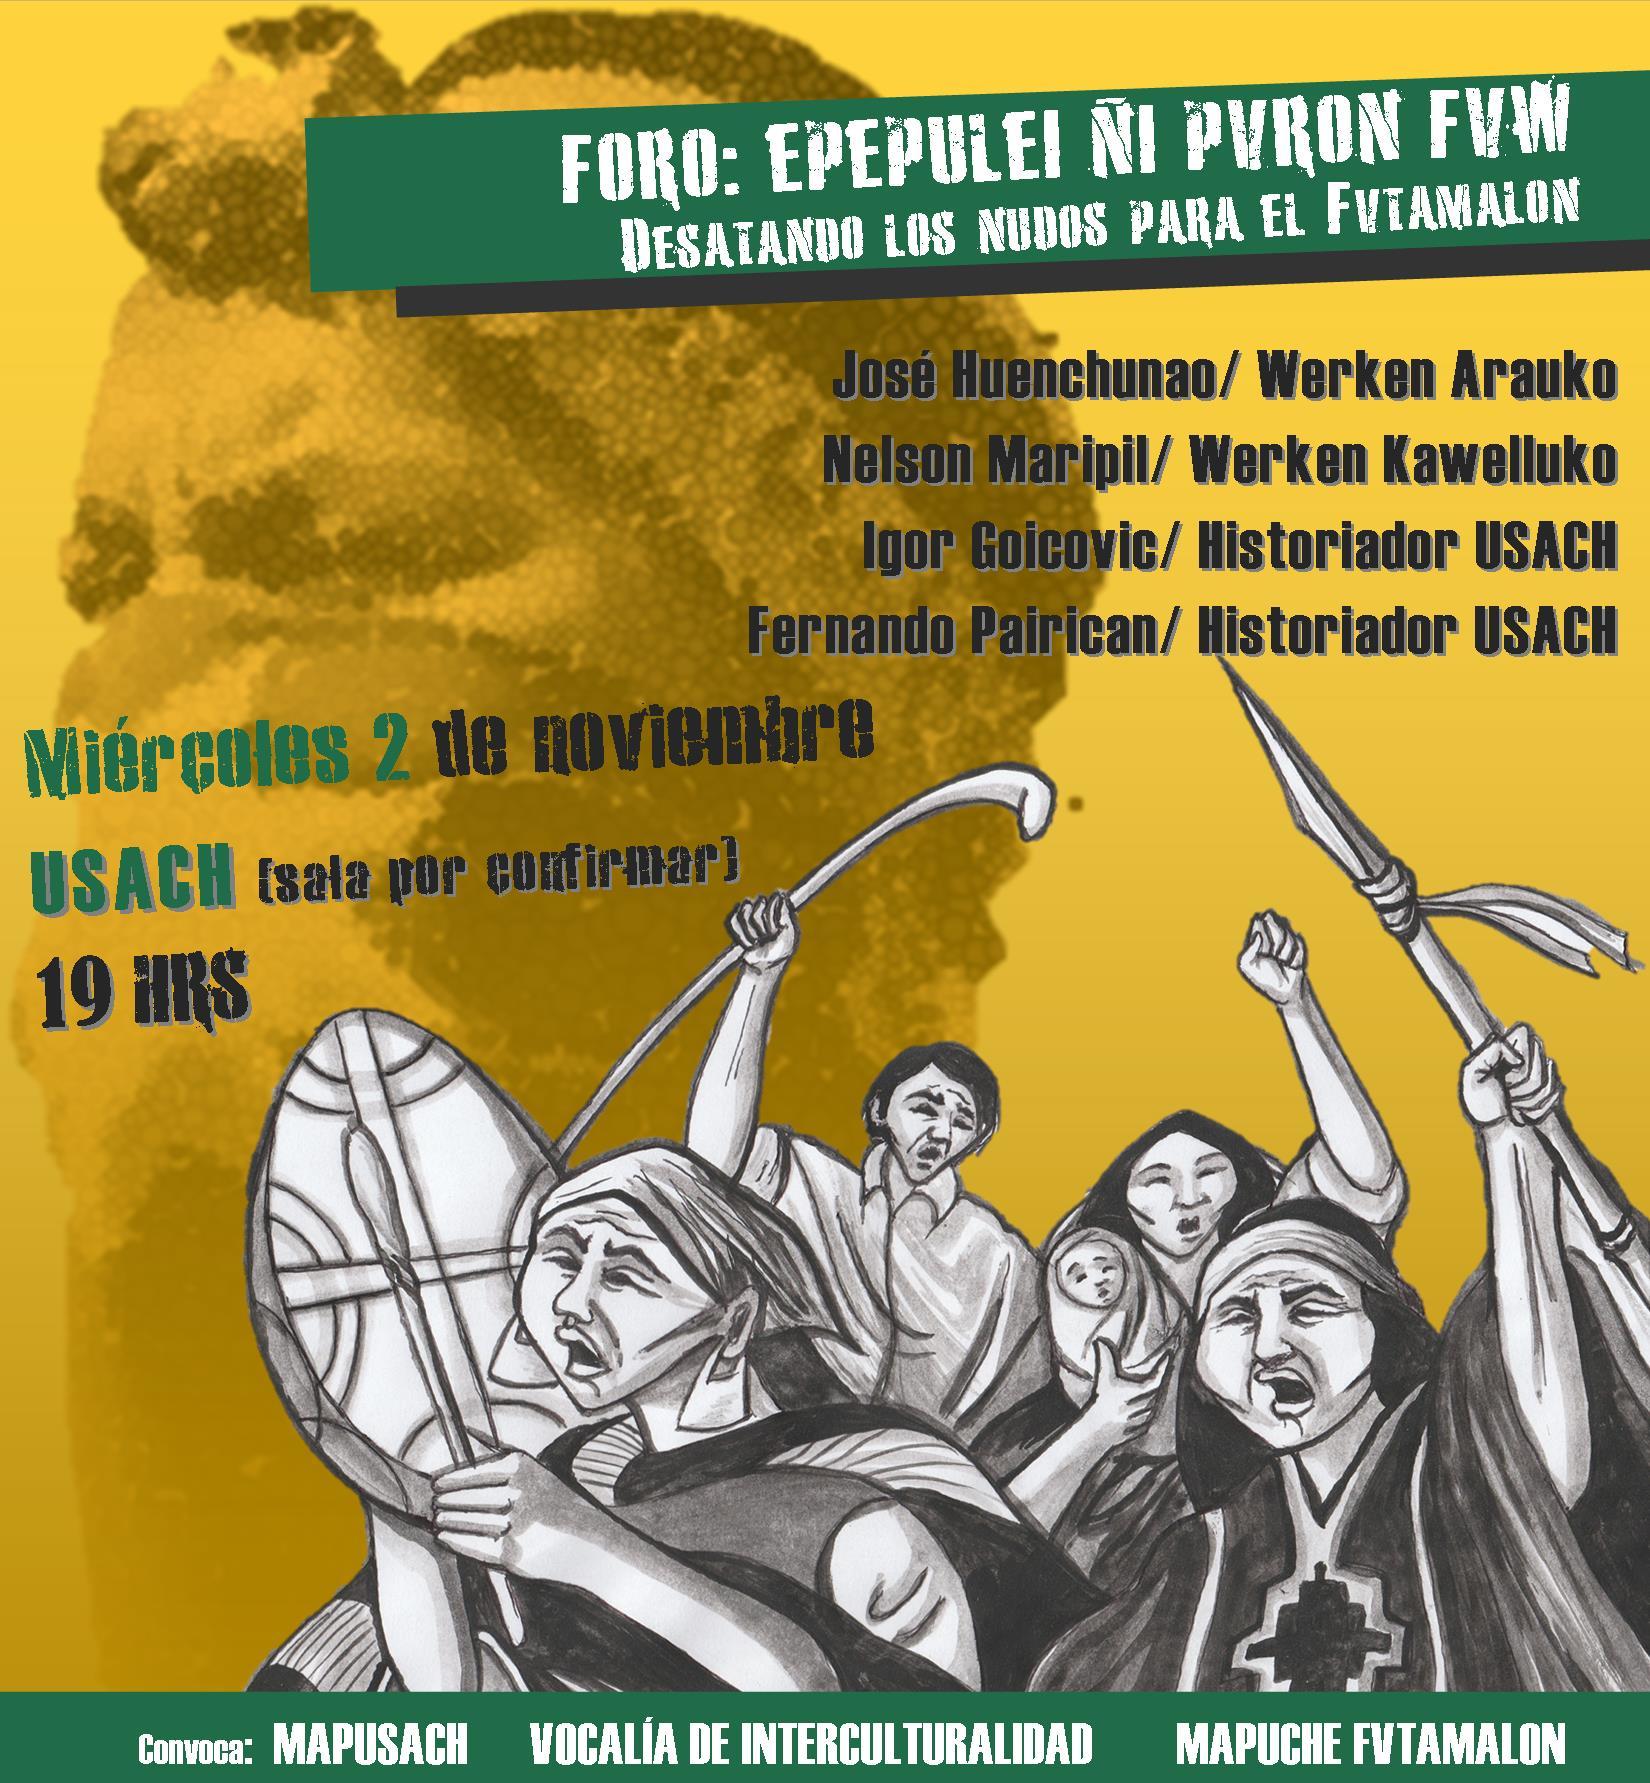 Invitación a Conmemoración del levantamiento Mapuche Fvtamalon